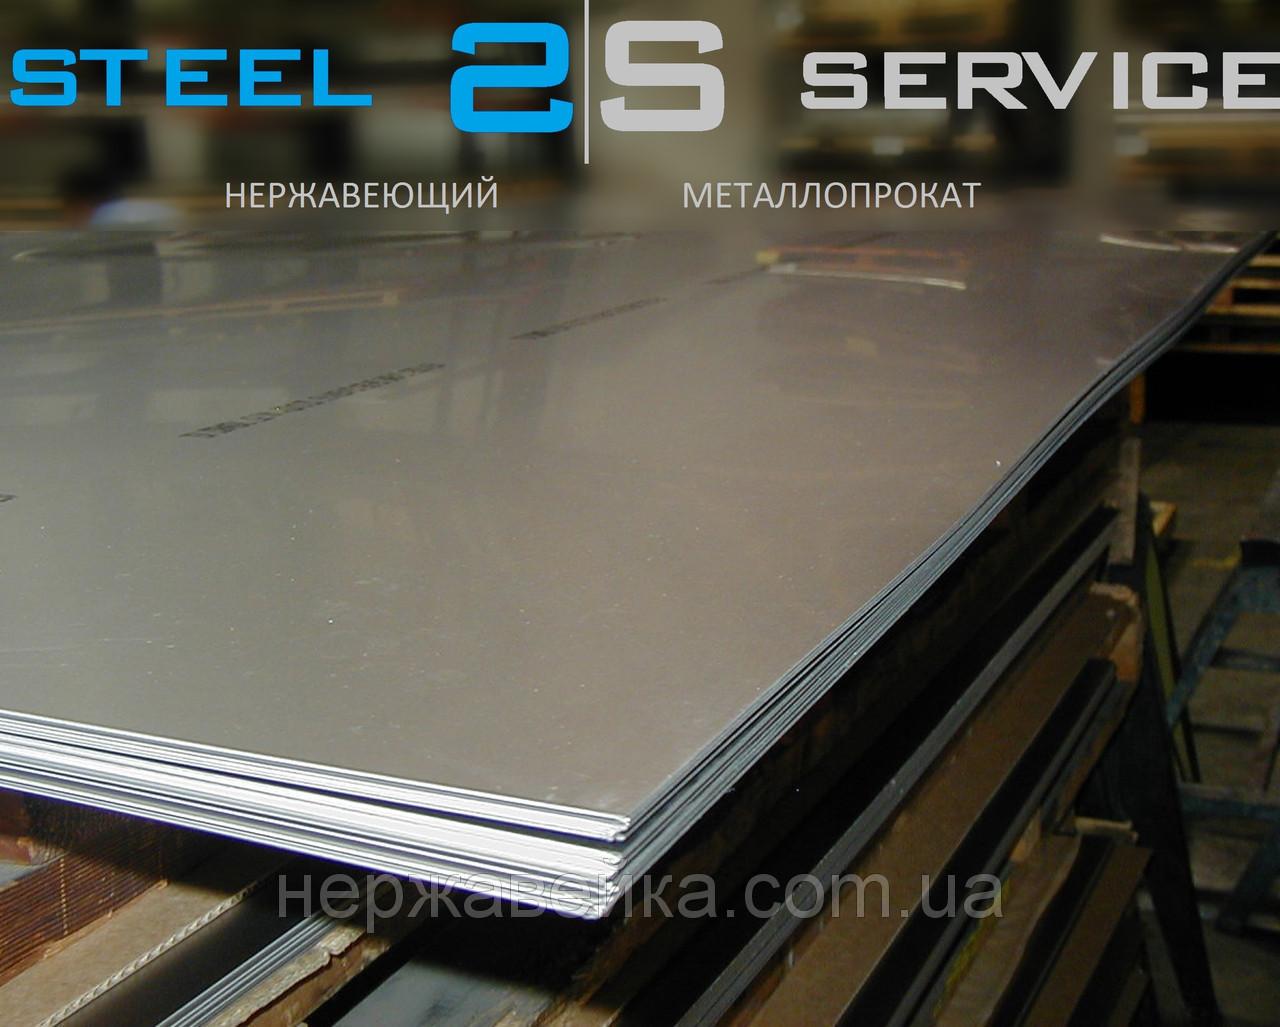 Нержавейка лист  0,8х1220х2500мм AISI 430(12Х17) 2B DECO, декоративный в пленке, калейдоскоп